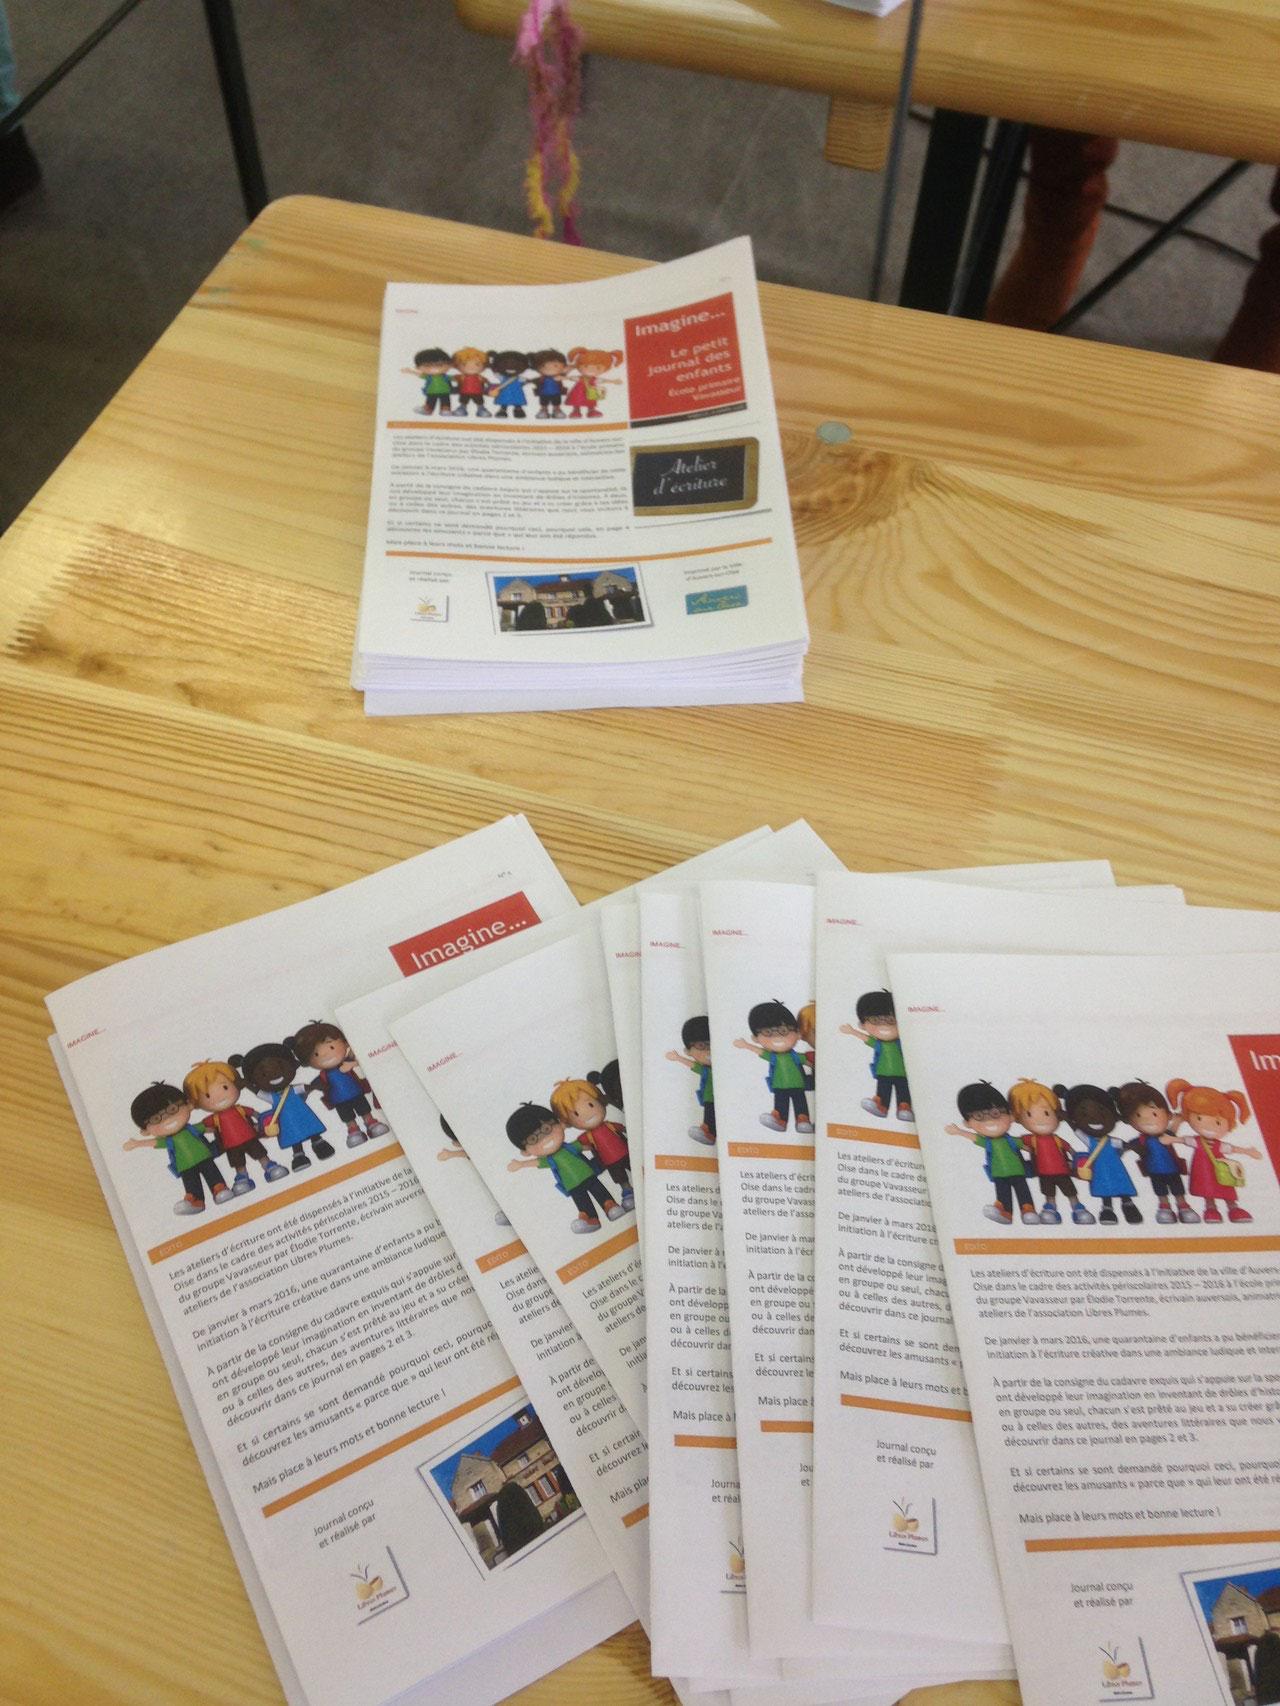 Le petit journal des enfants, atelier d'écriture animé par Élodie Torrente (École élémentaire Vavasseur)